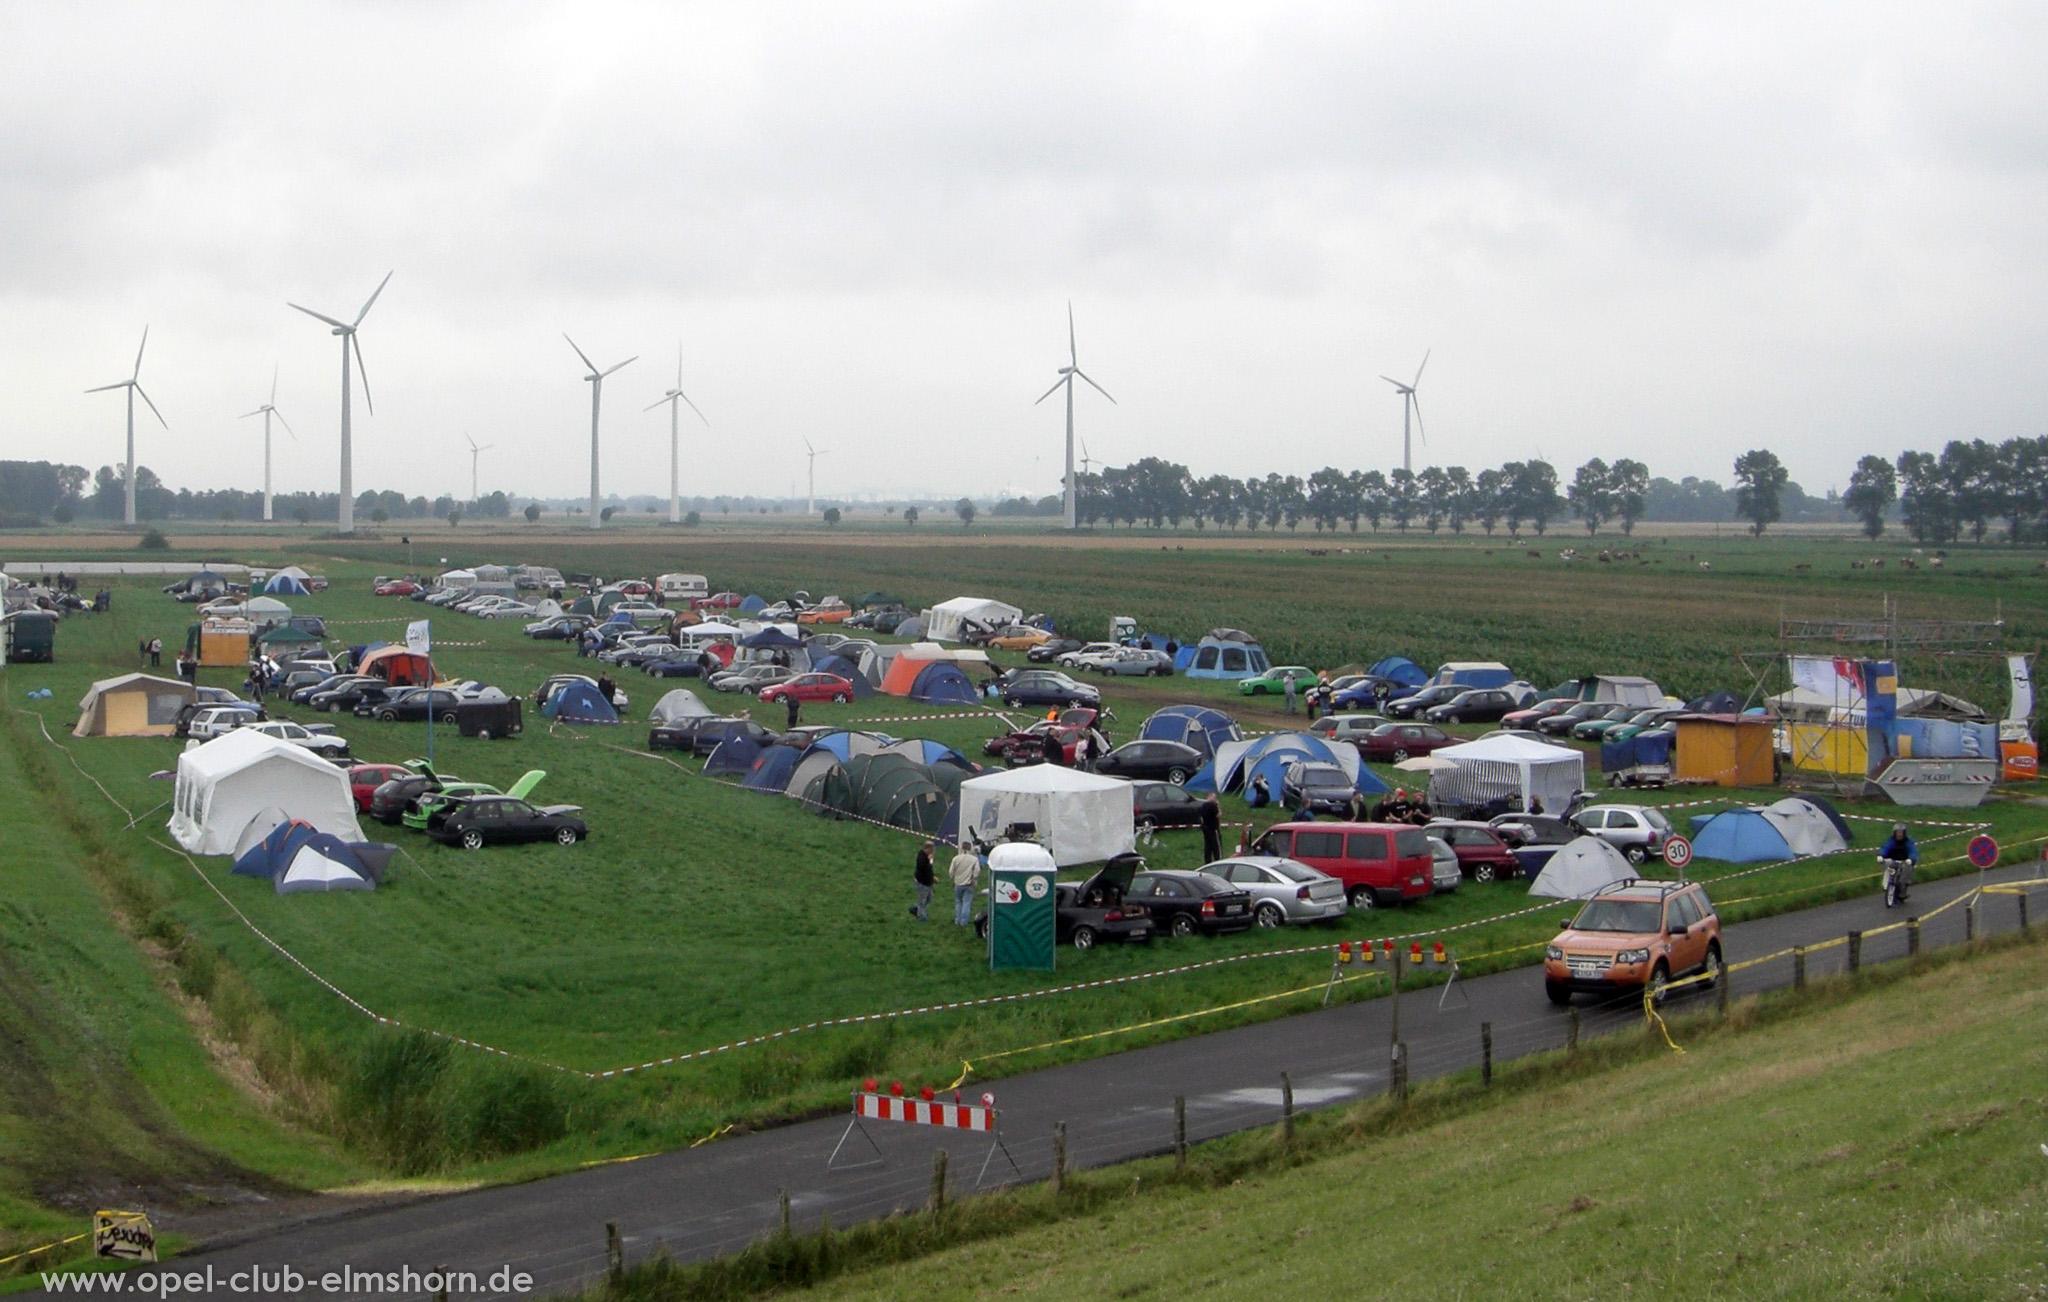 Opeltreffen Brunsbüttel Funmakers 2008 - 20080719_131141 - Treffengelände